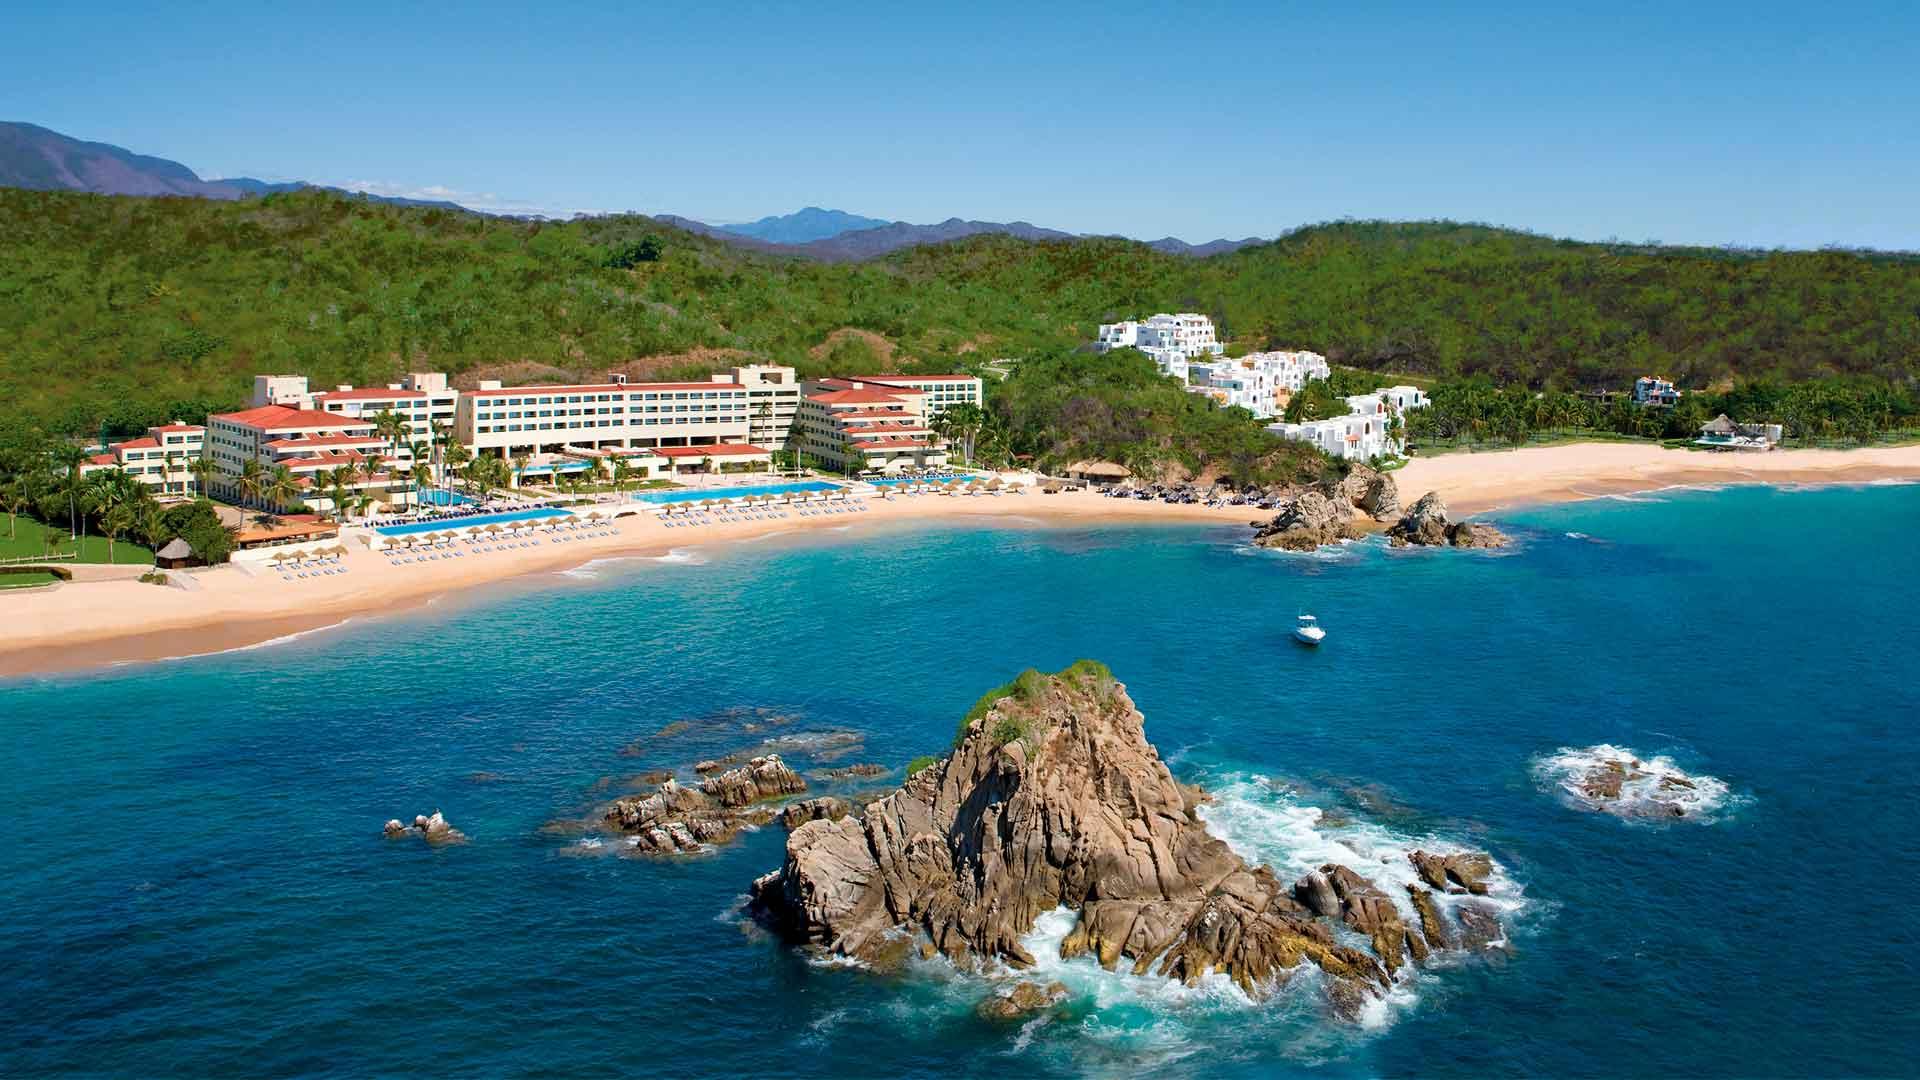 Dreams Huatulco Resort & Spa, abrazado del paraíso oaxaqueño